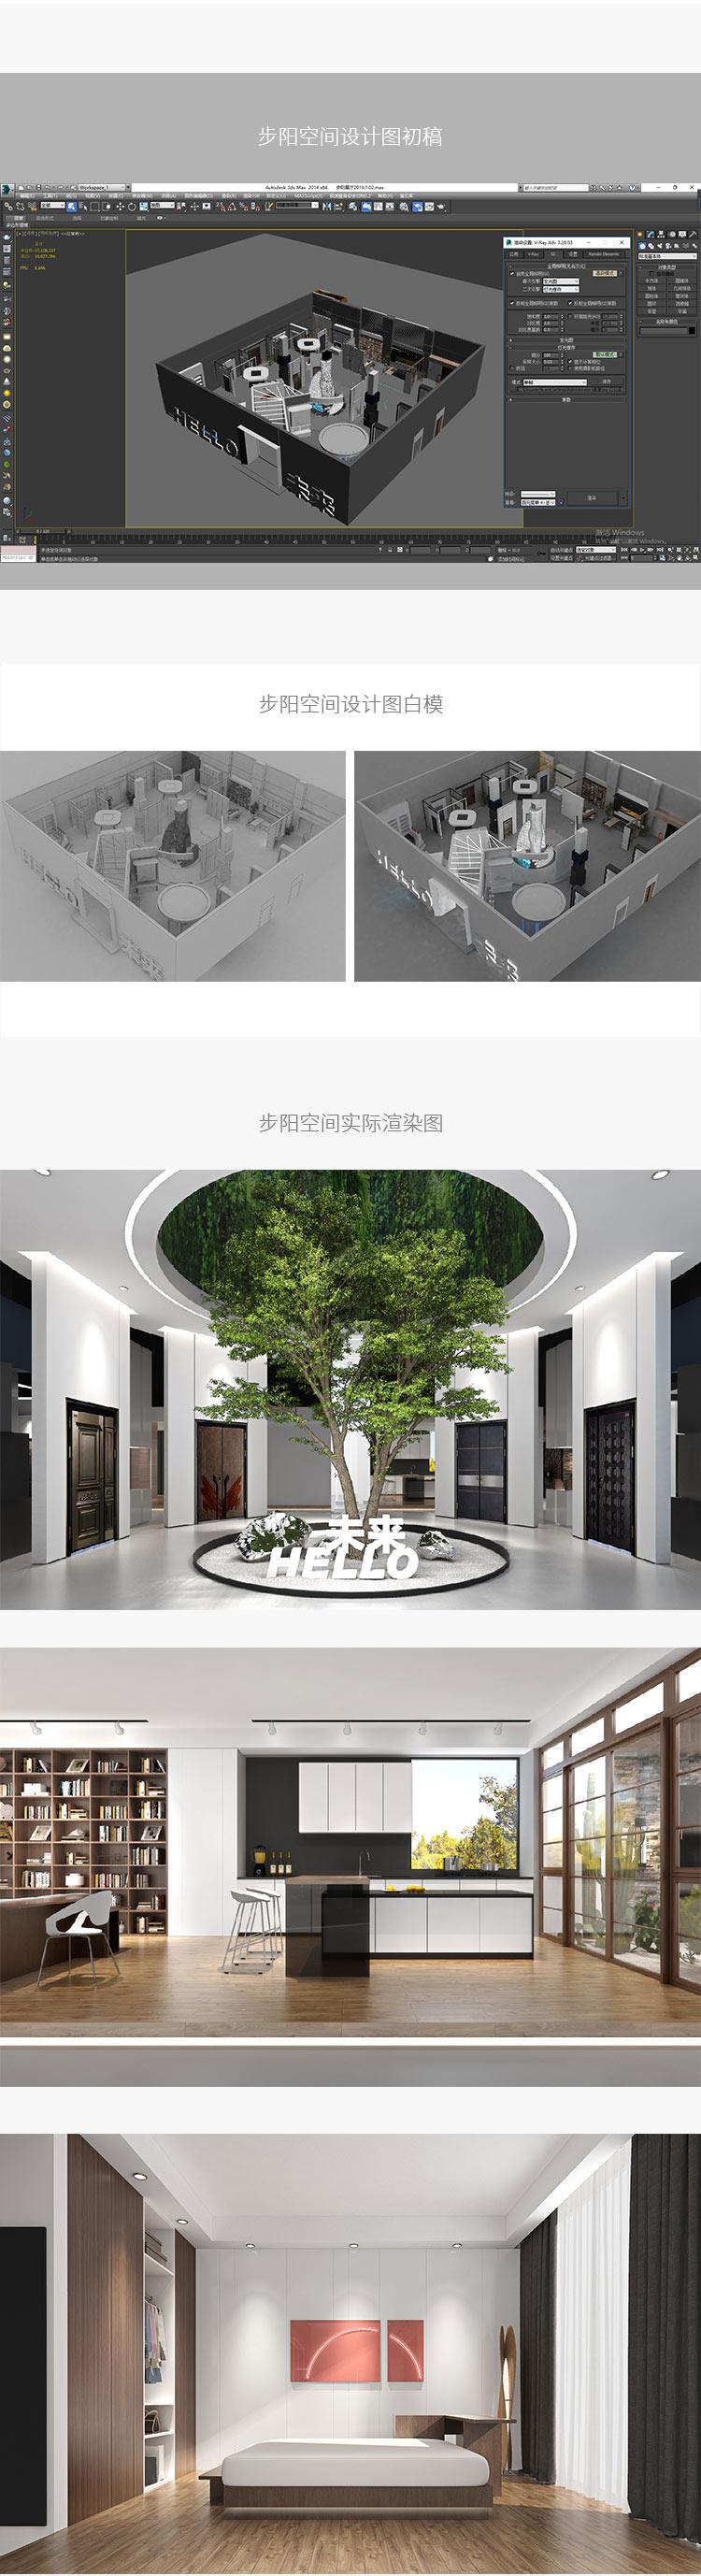 步阳体验式展馆(1)_05.jpg